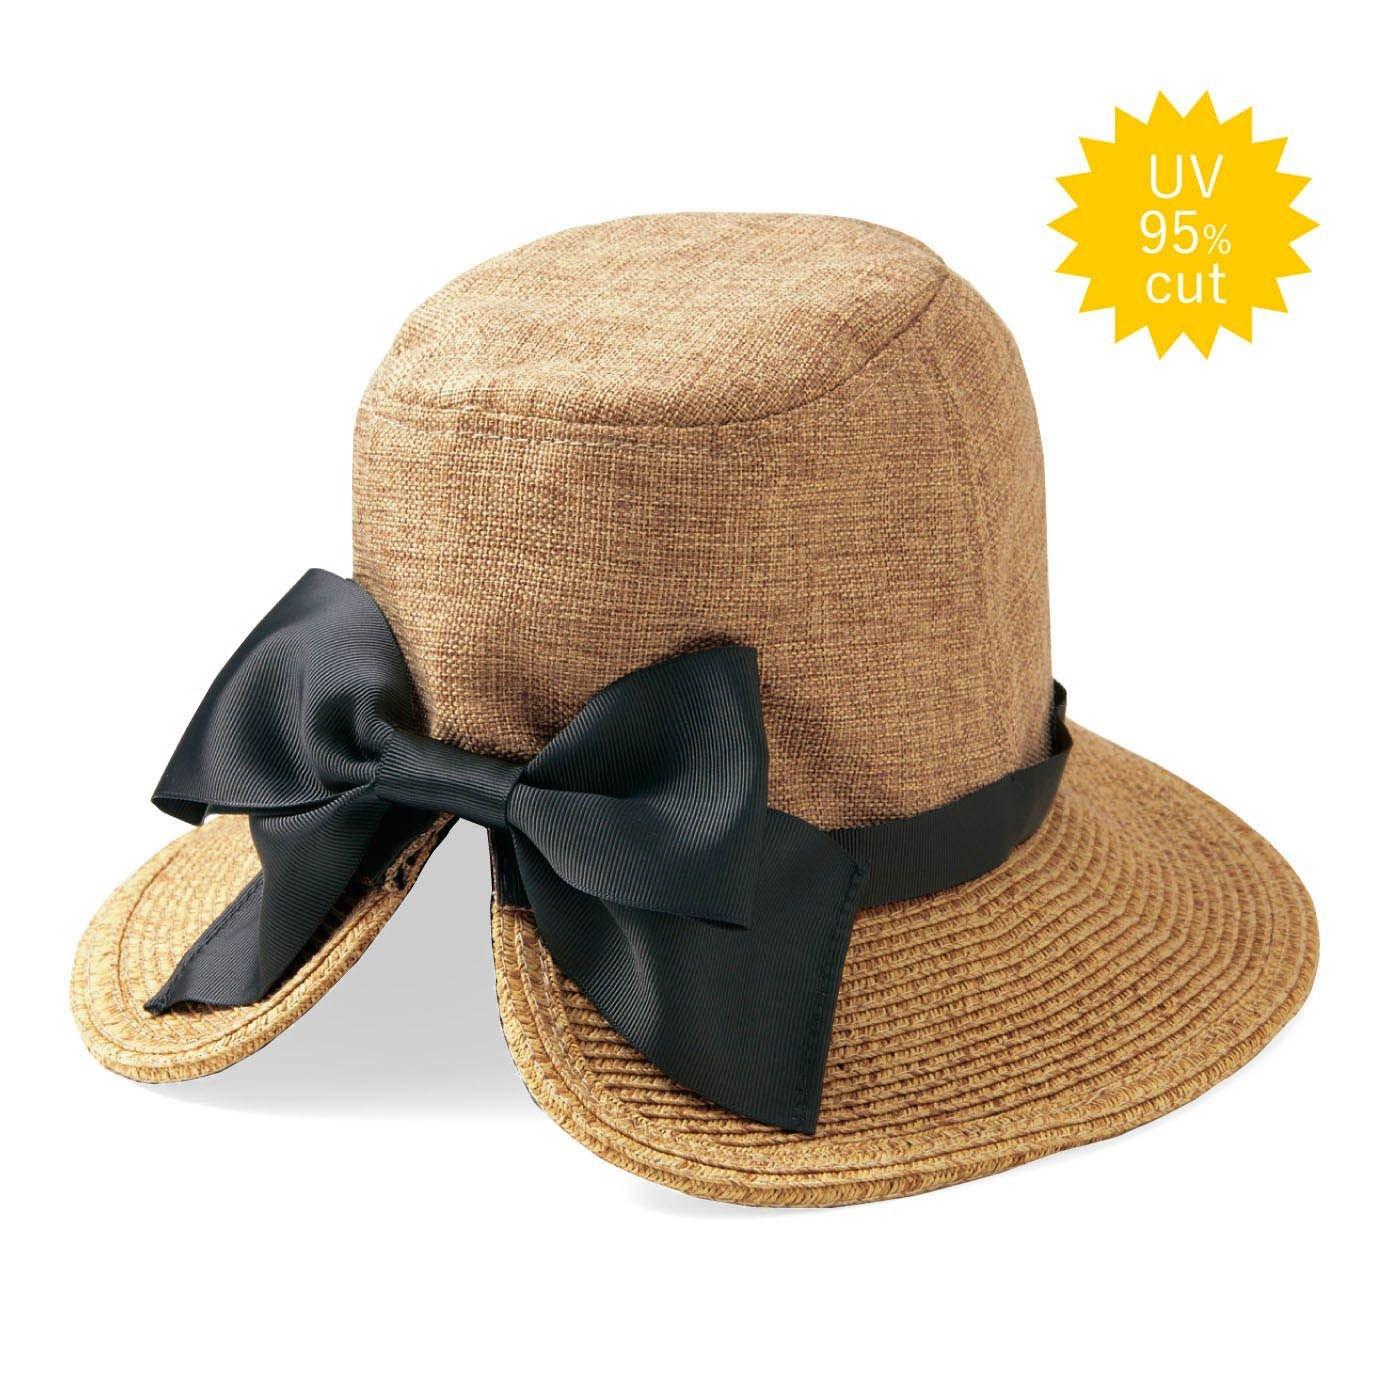 リブ イン コンフォート  異素材遣いの  後ろリボンUVカット帽子〈ナチュラルベージュ〉